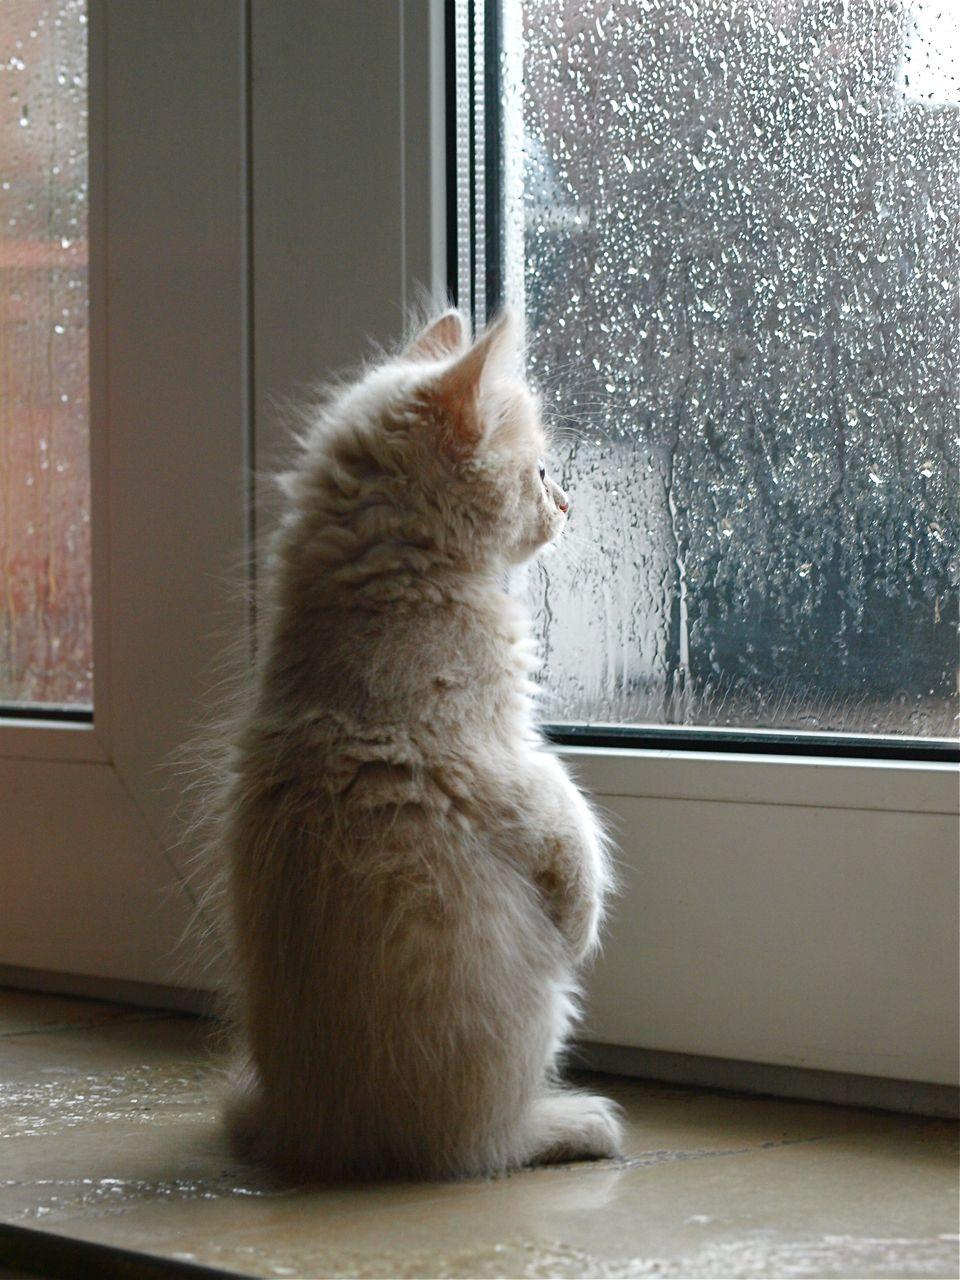 Что делают кошки, когда вас нет дома? Занимательно, кошки